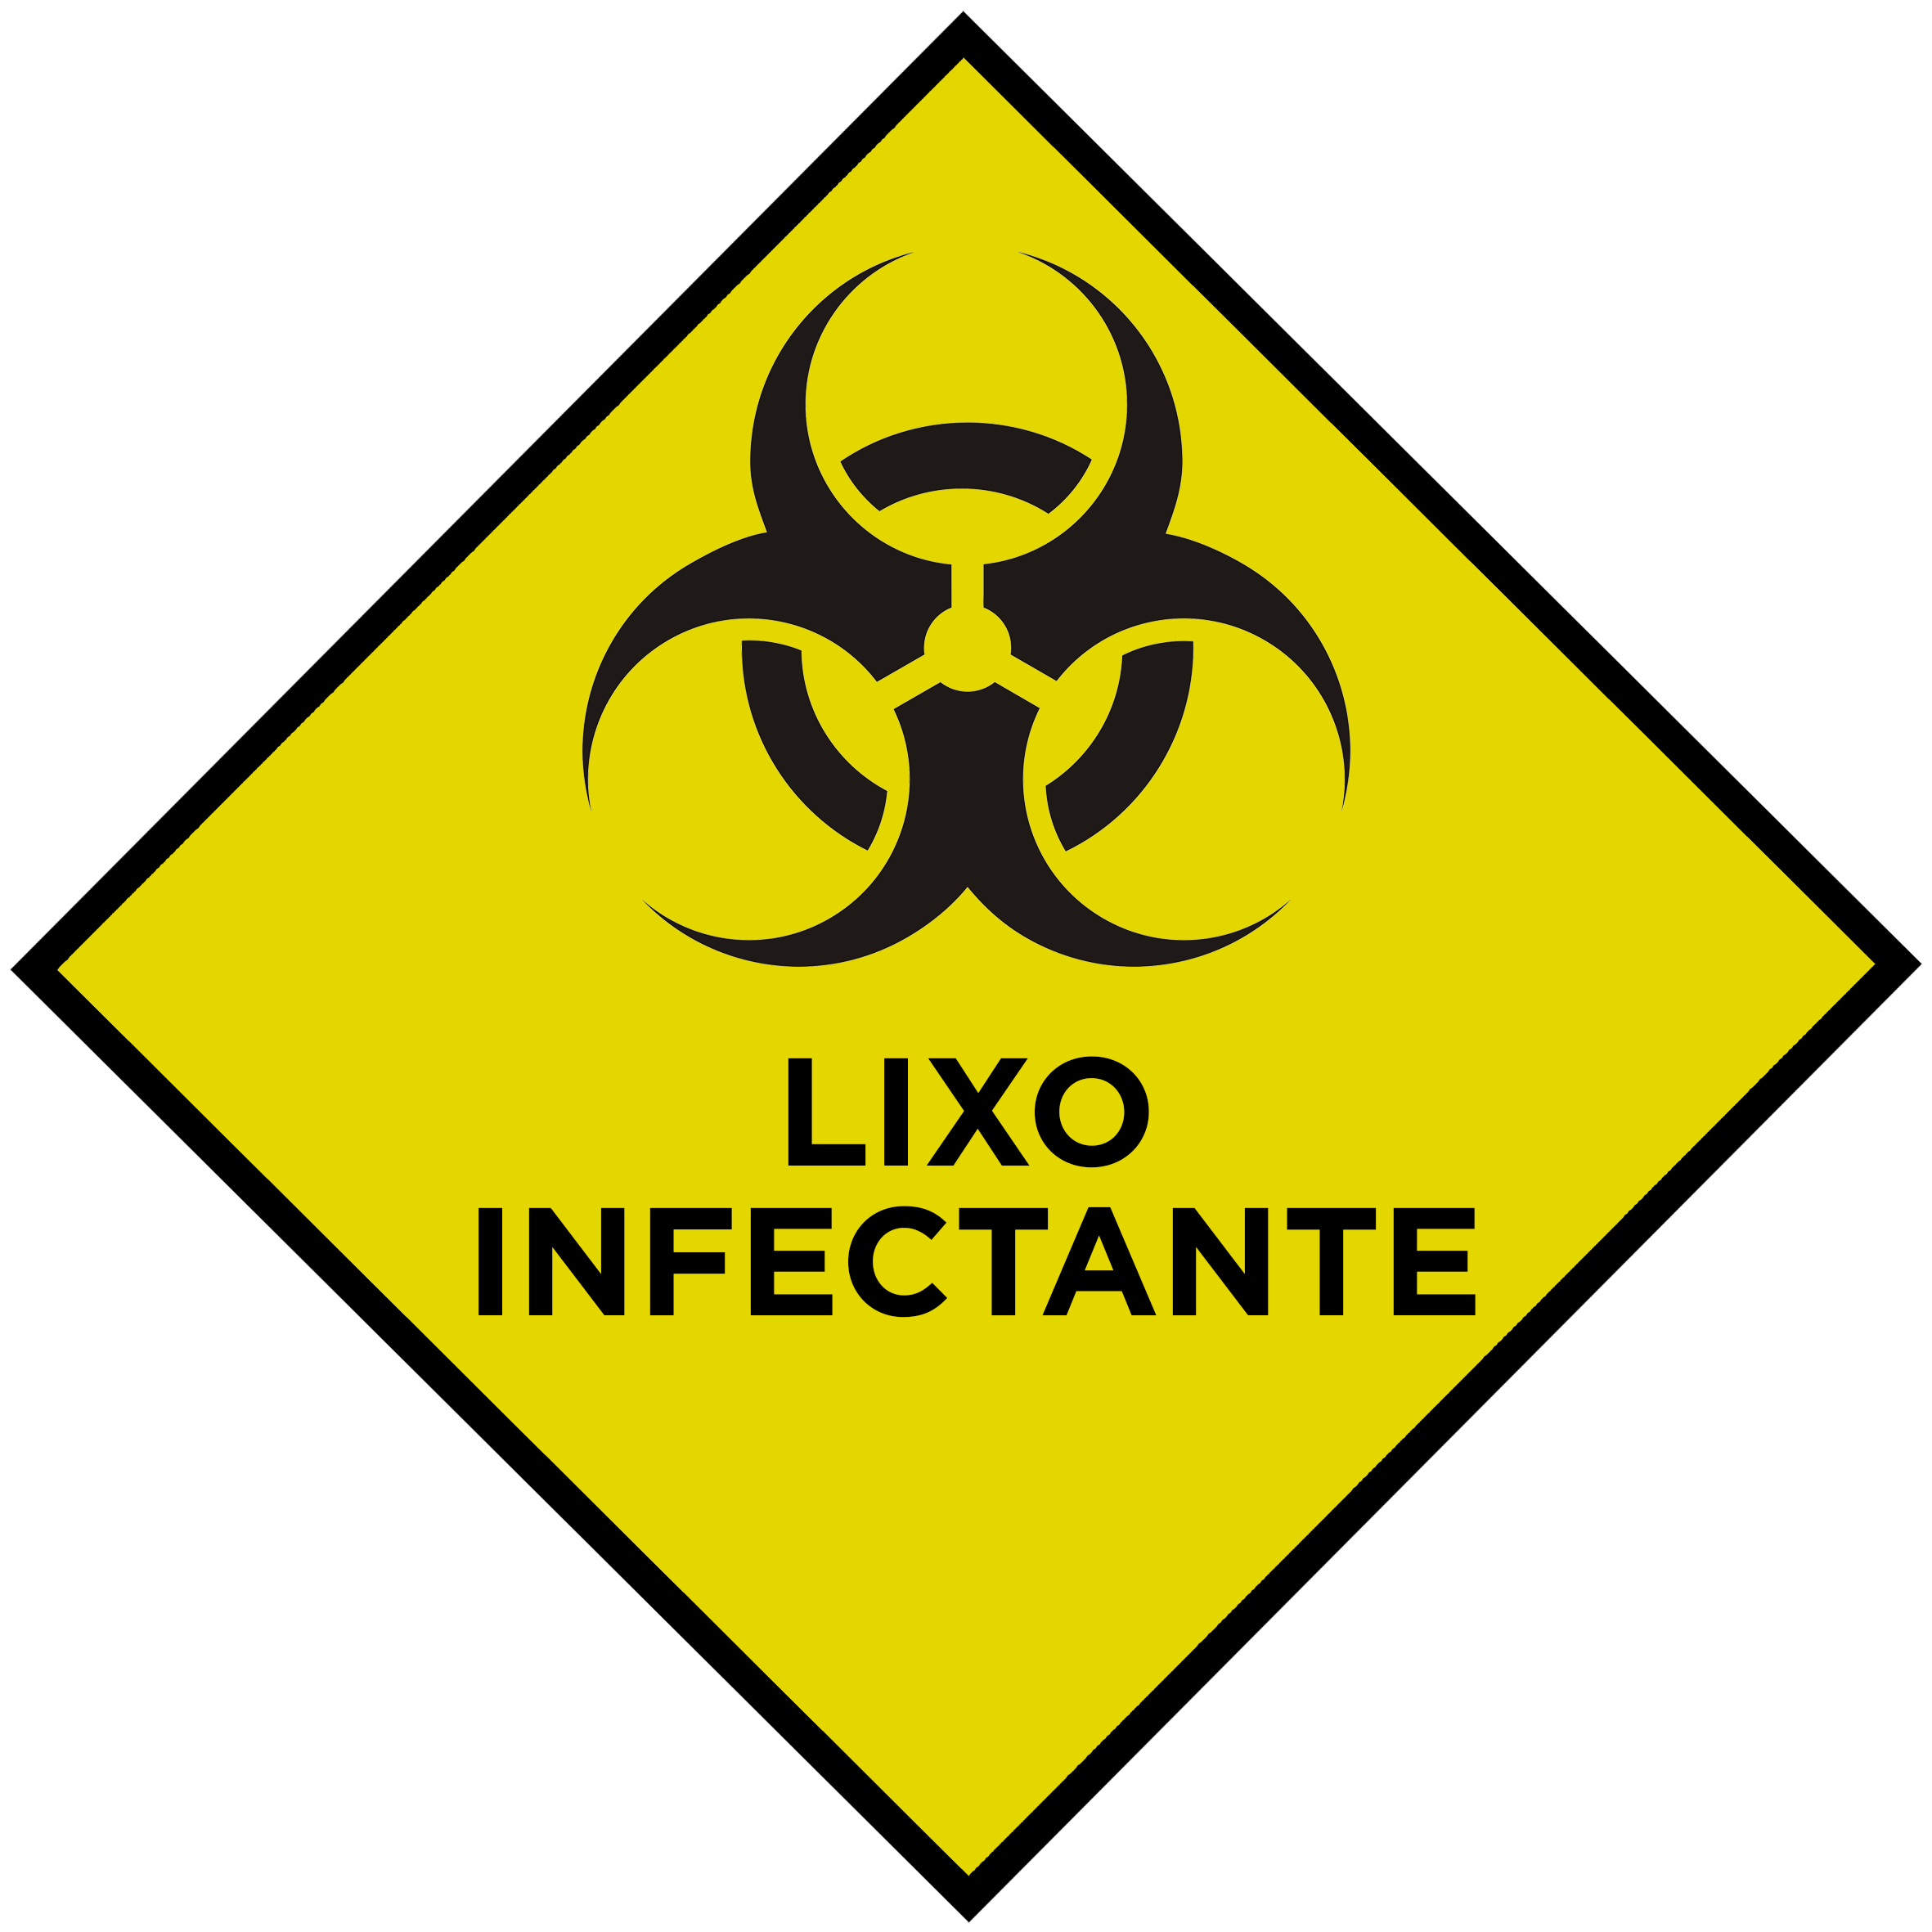 Lixo infectante